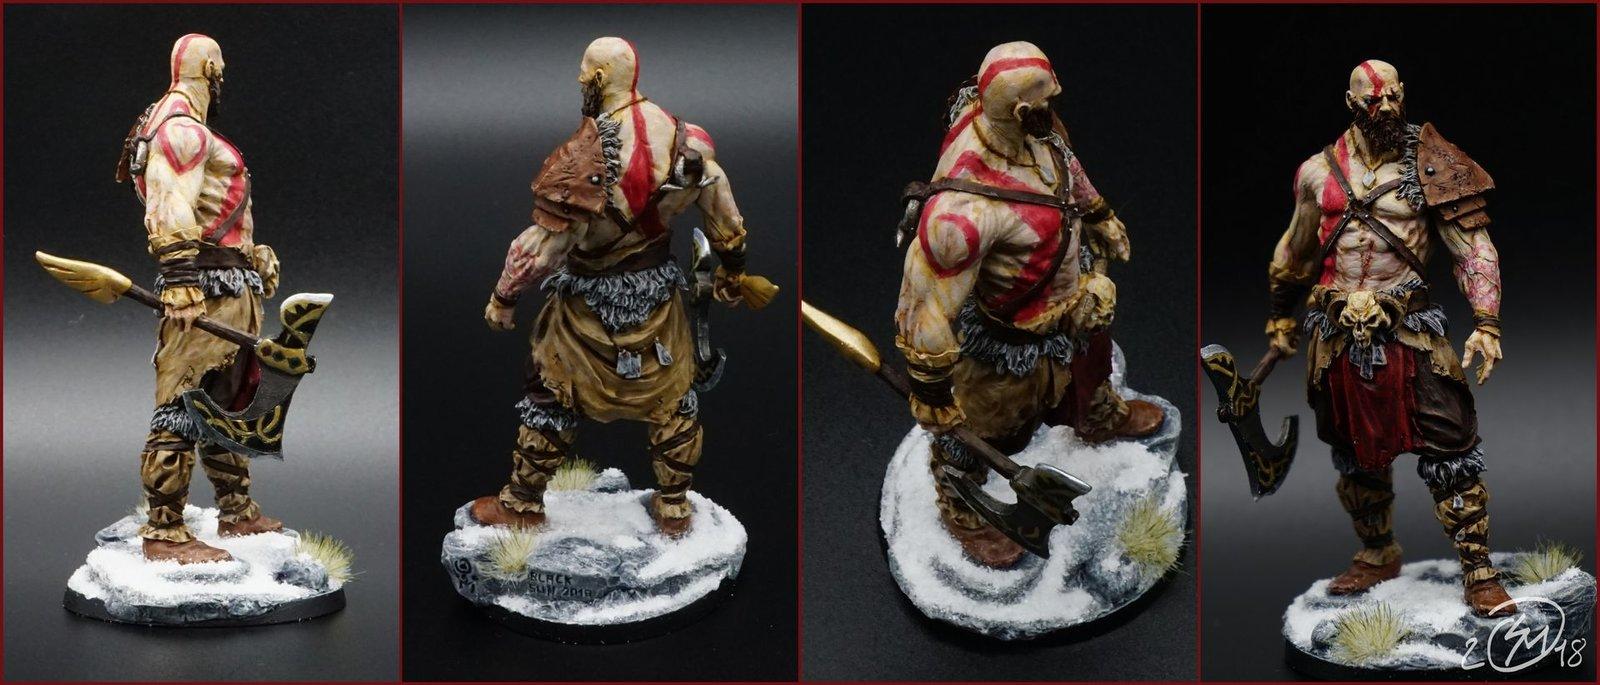 Kratos MBP